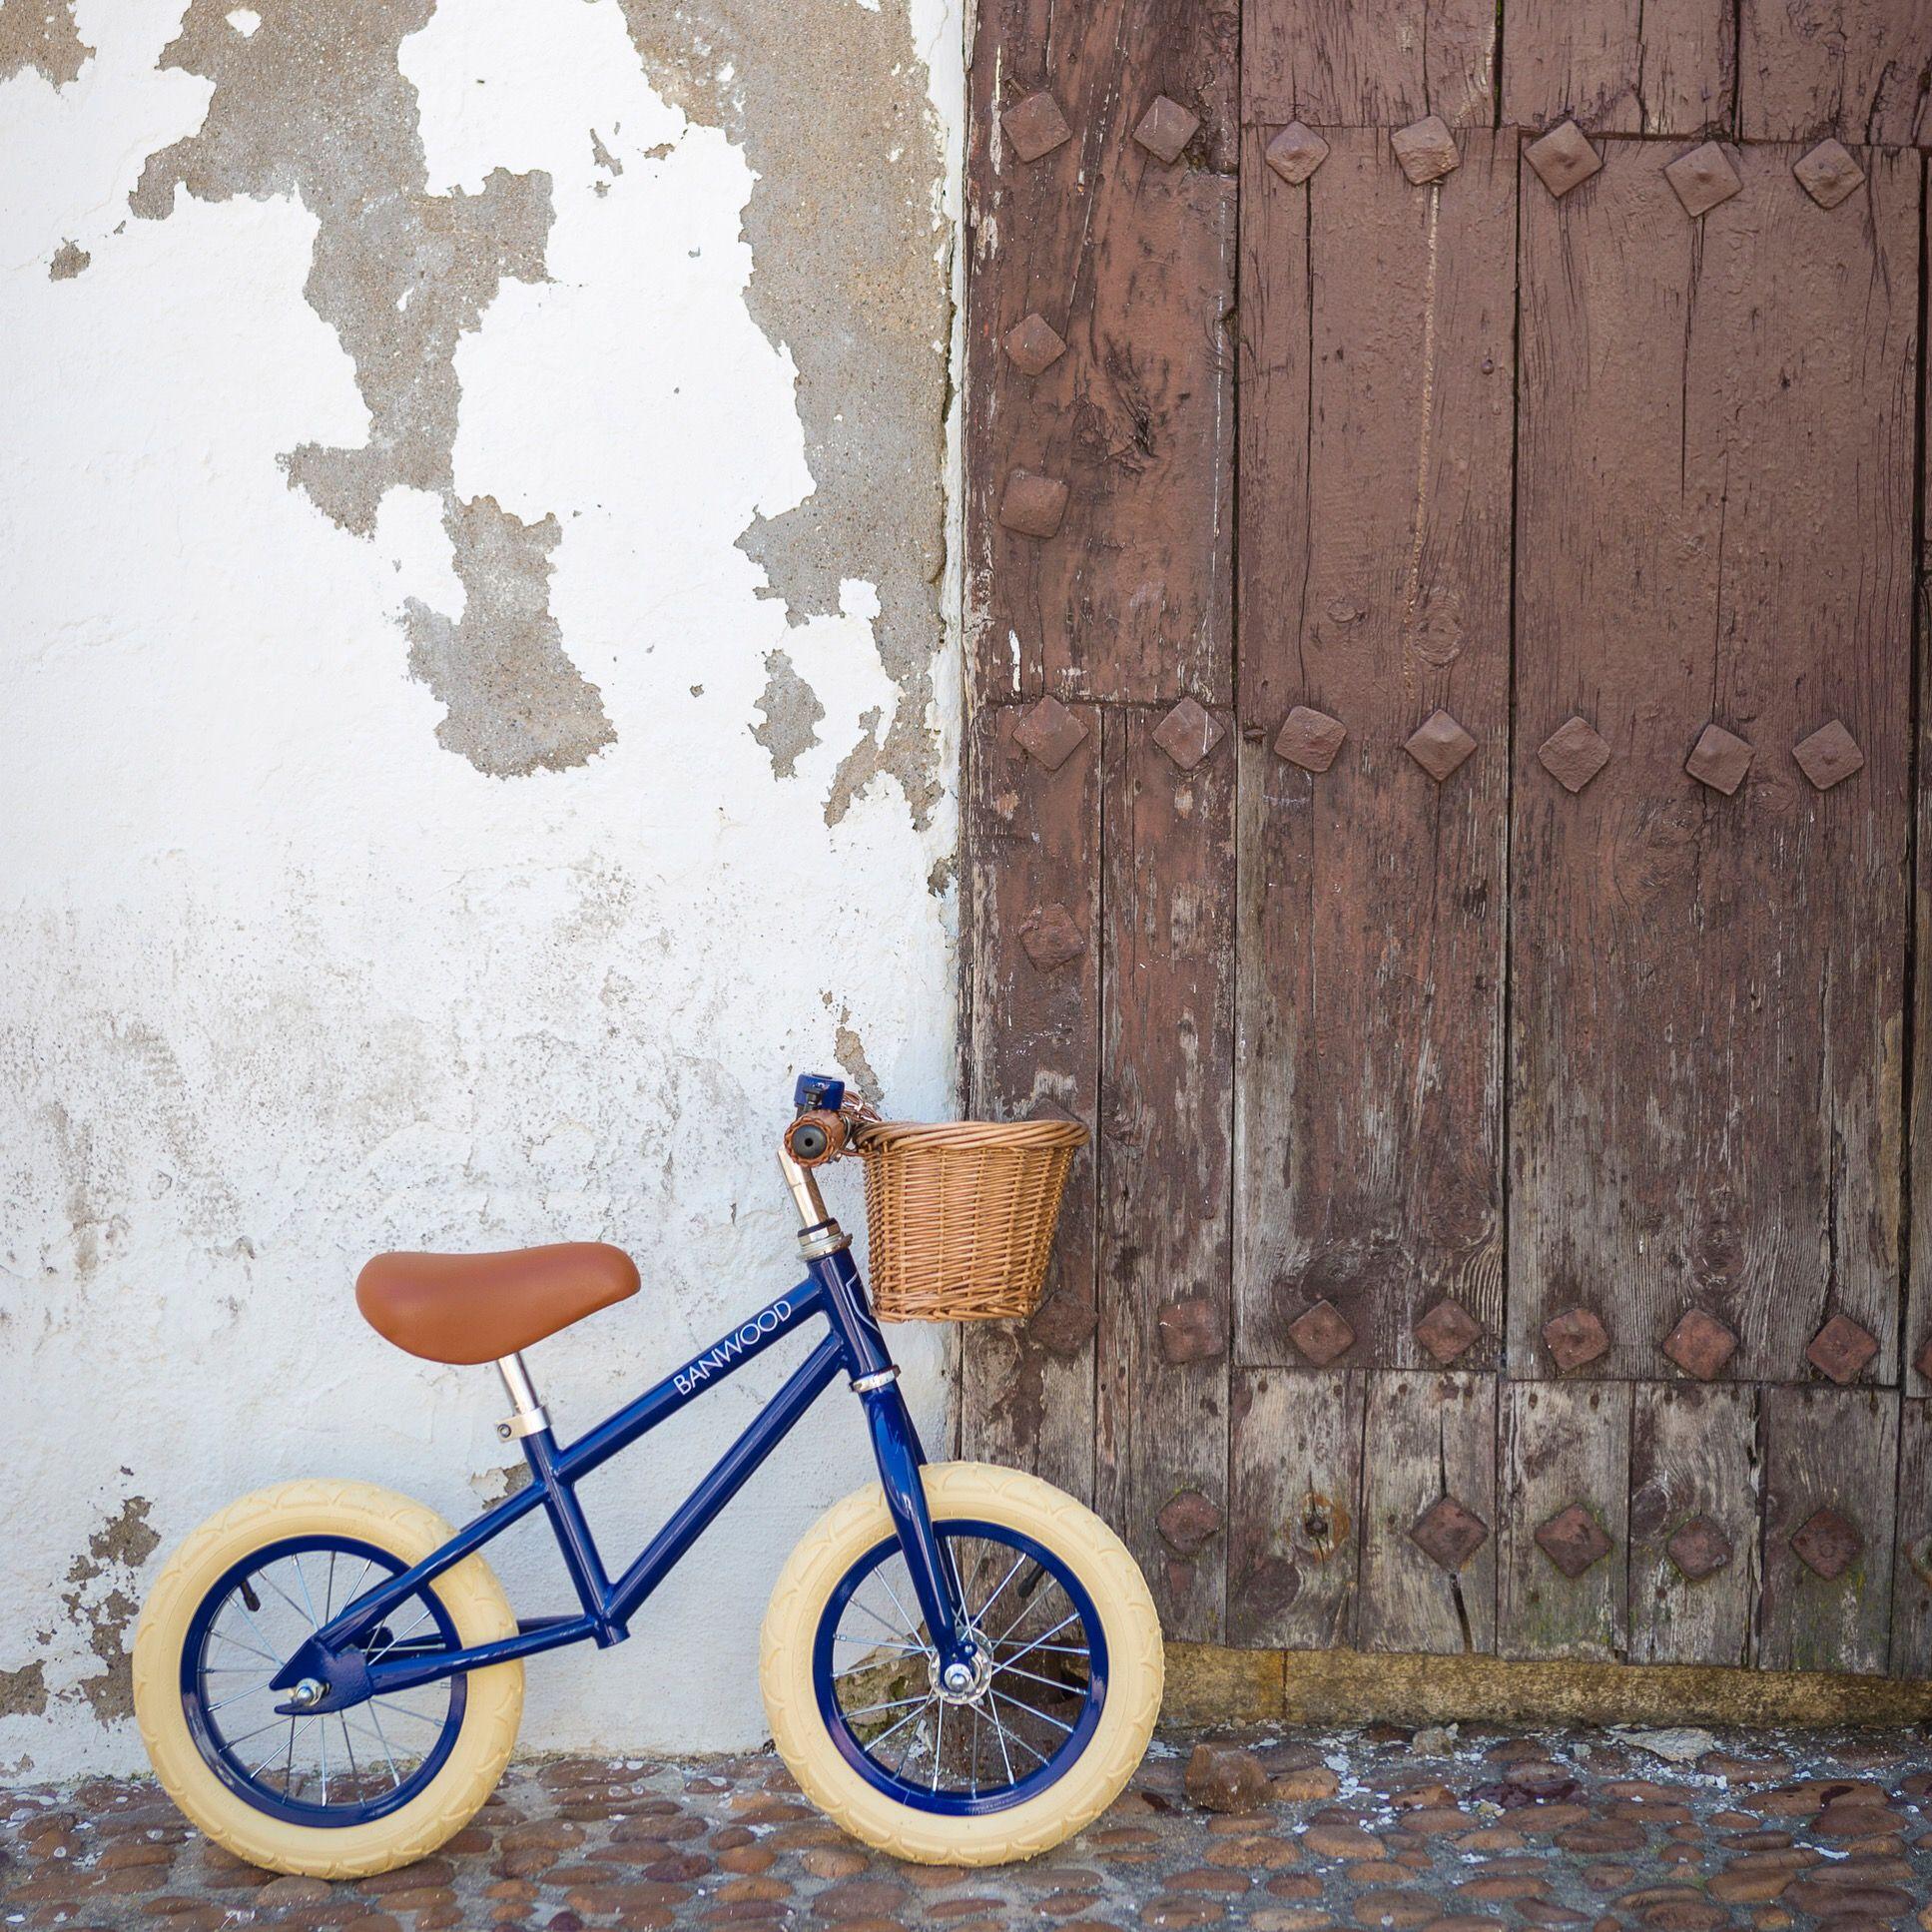 c9c150aa22f FIRST GO! - White | FIRST GO! | Kids bike, Balance bike, Bicycle ...